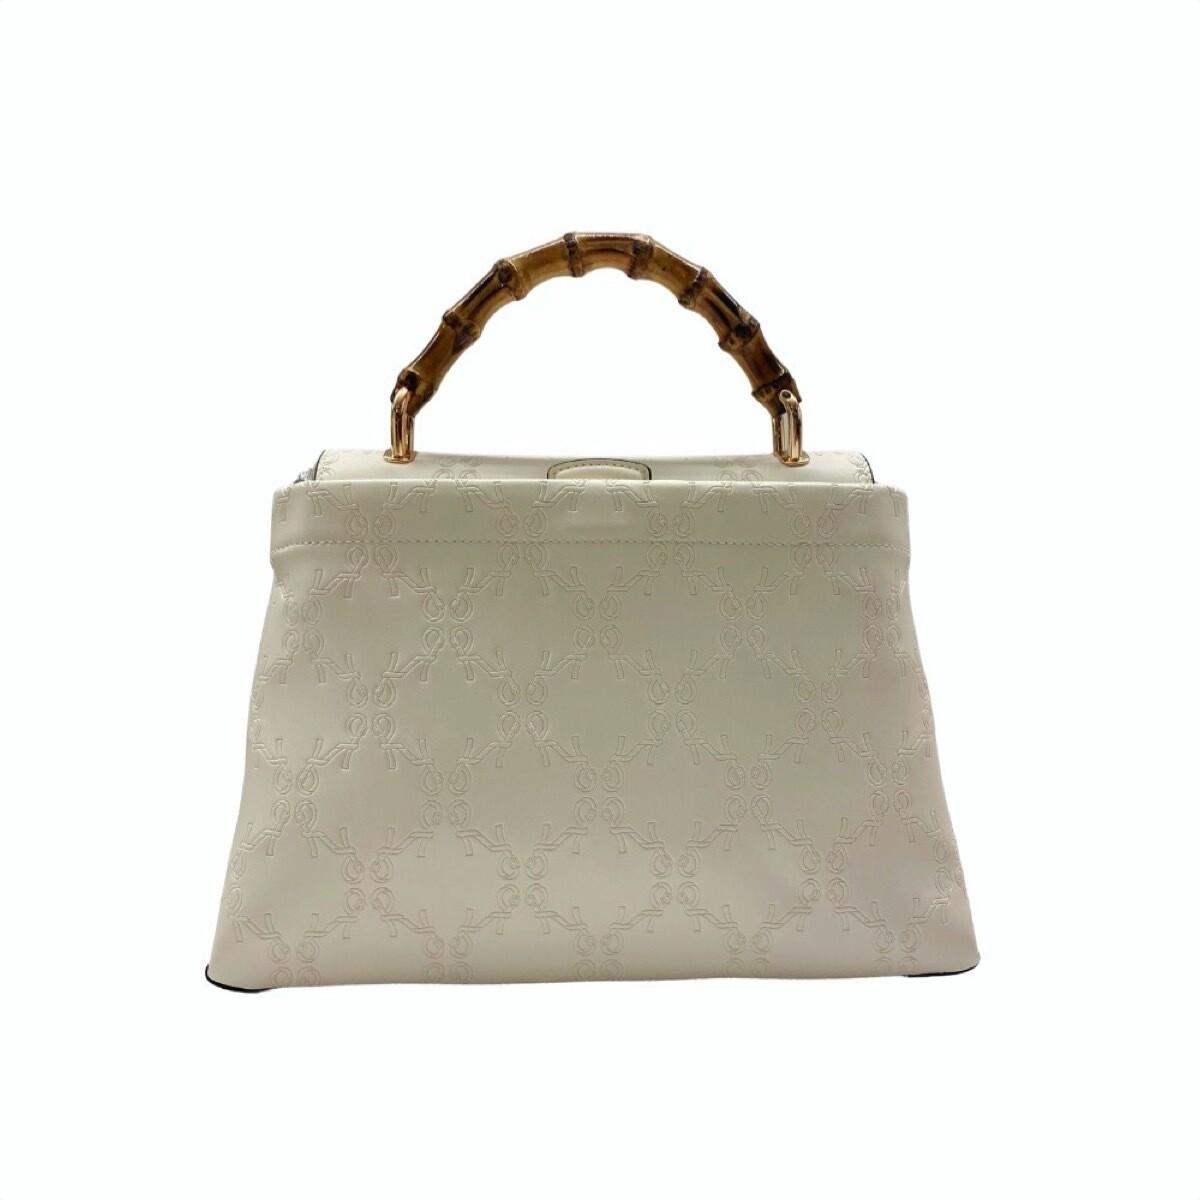 ROBERTA DI CAMERINO - Bamboo Handbag M con tracolla - White